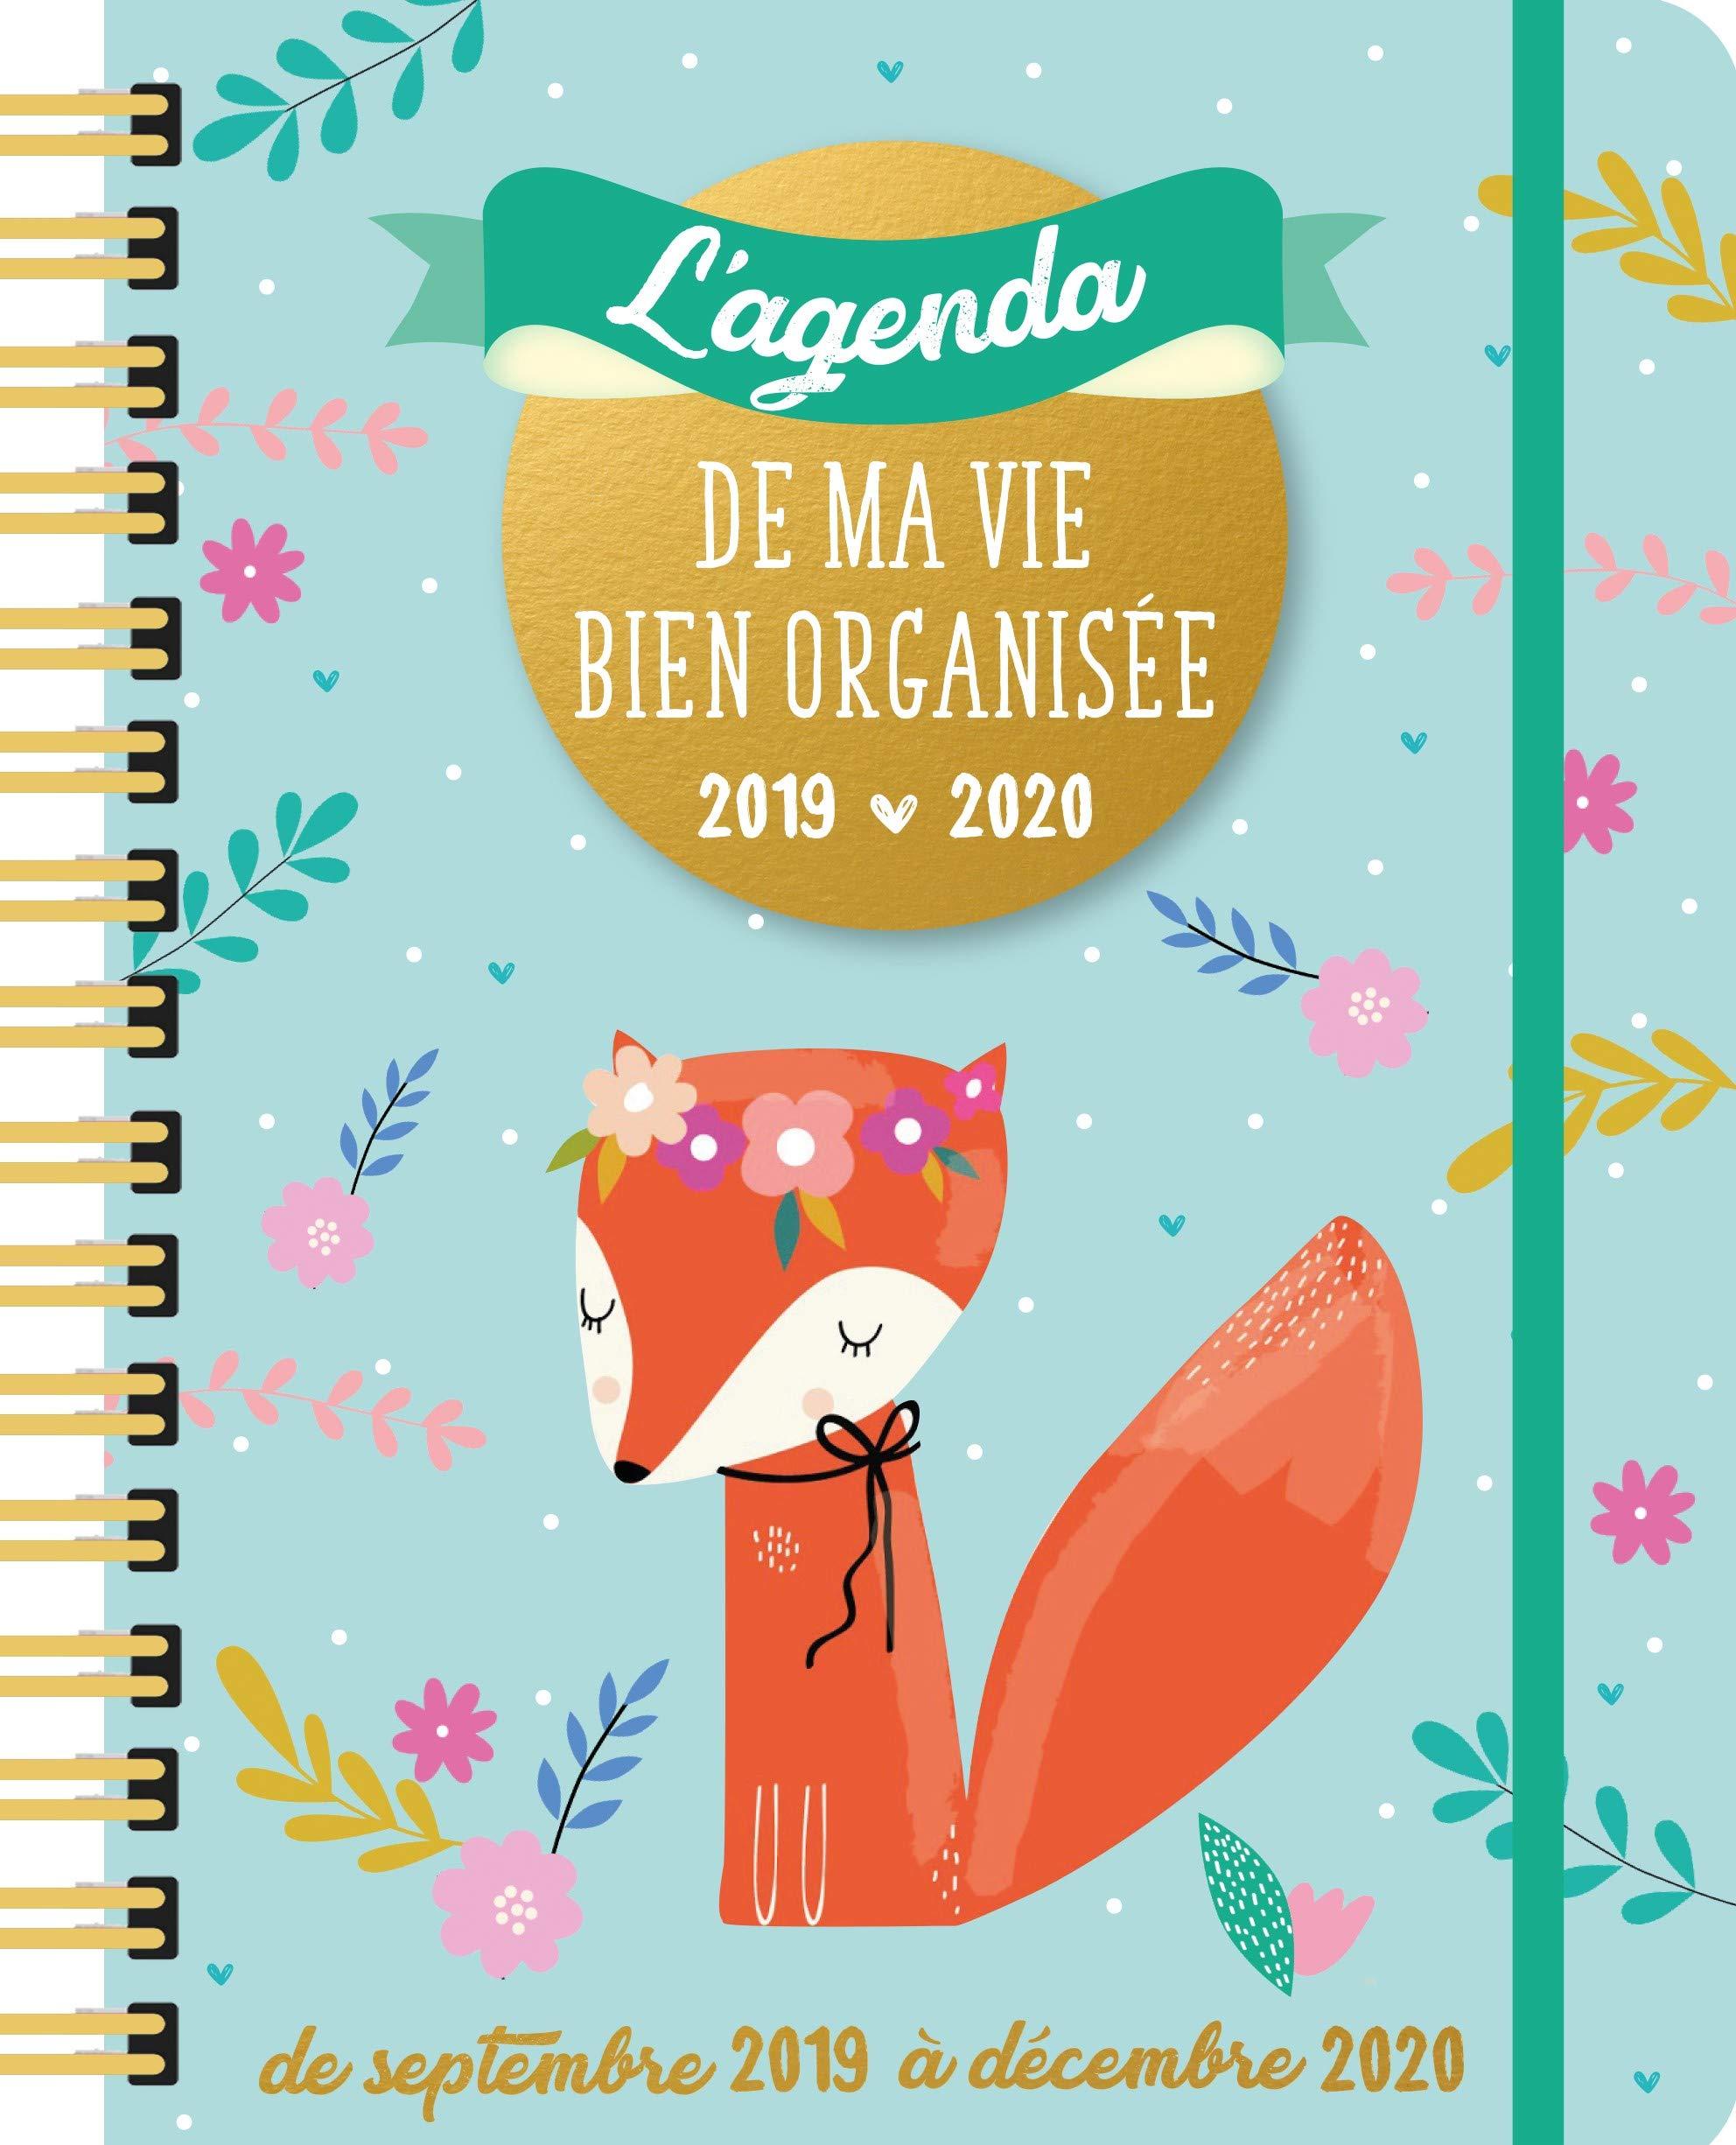 L Agenda de Ma Vie Bien Organisee 2019-2020: Amazon.es: Yolande ...